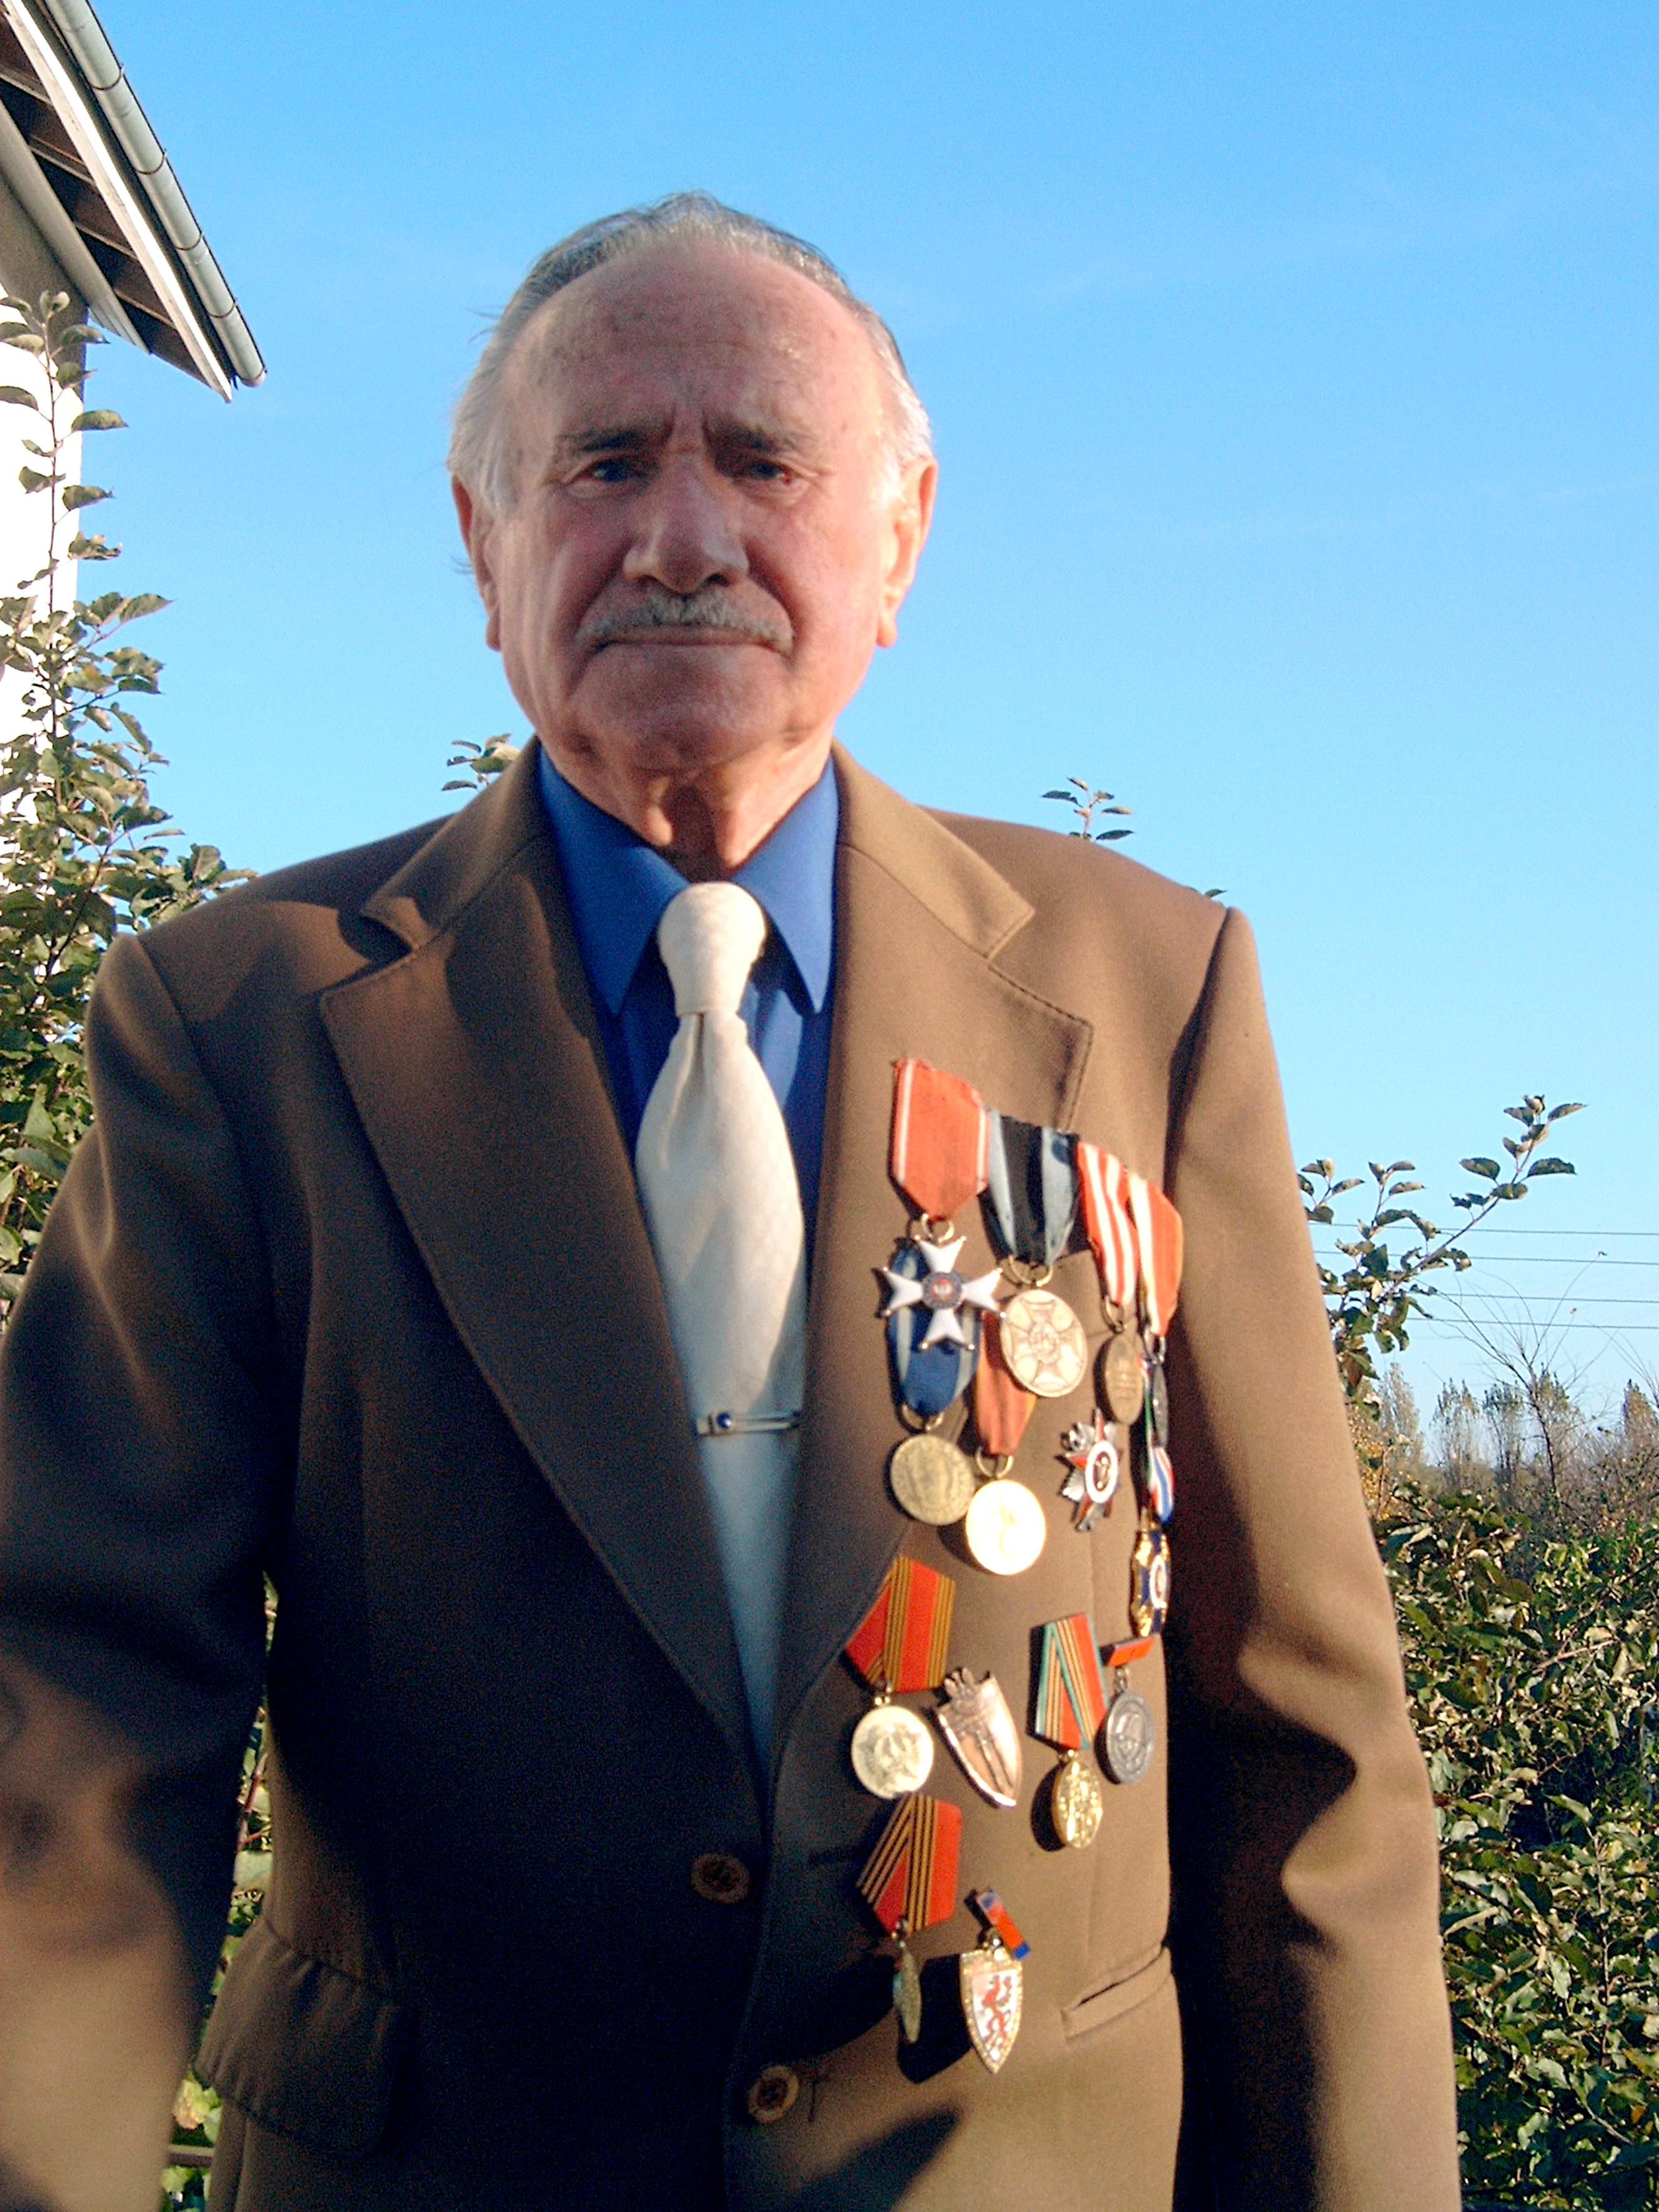 Mieczyslaw Najman